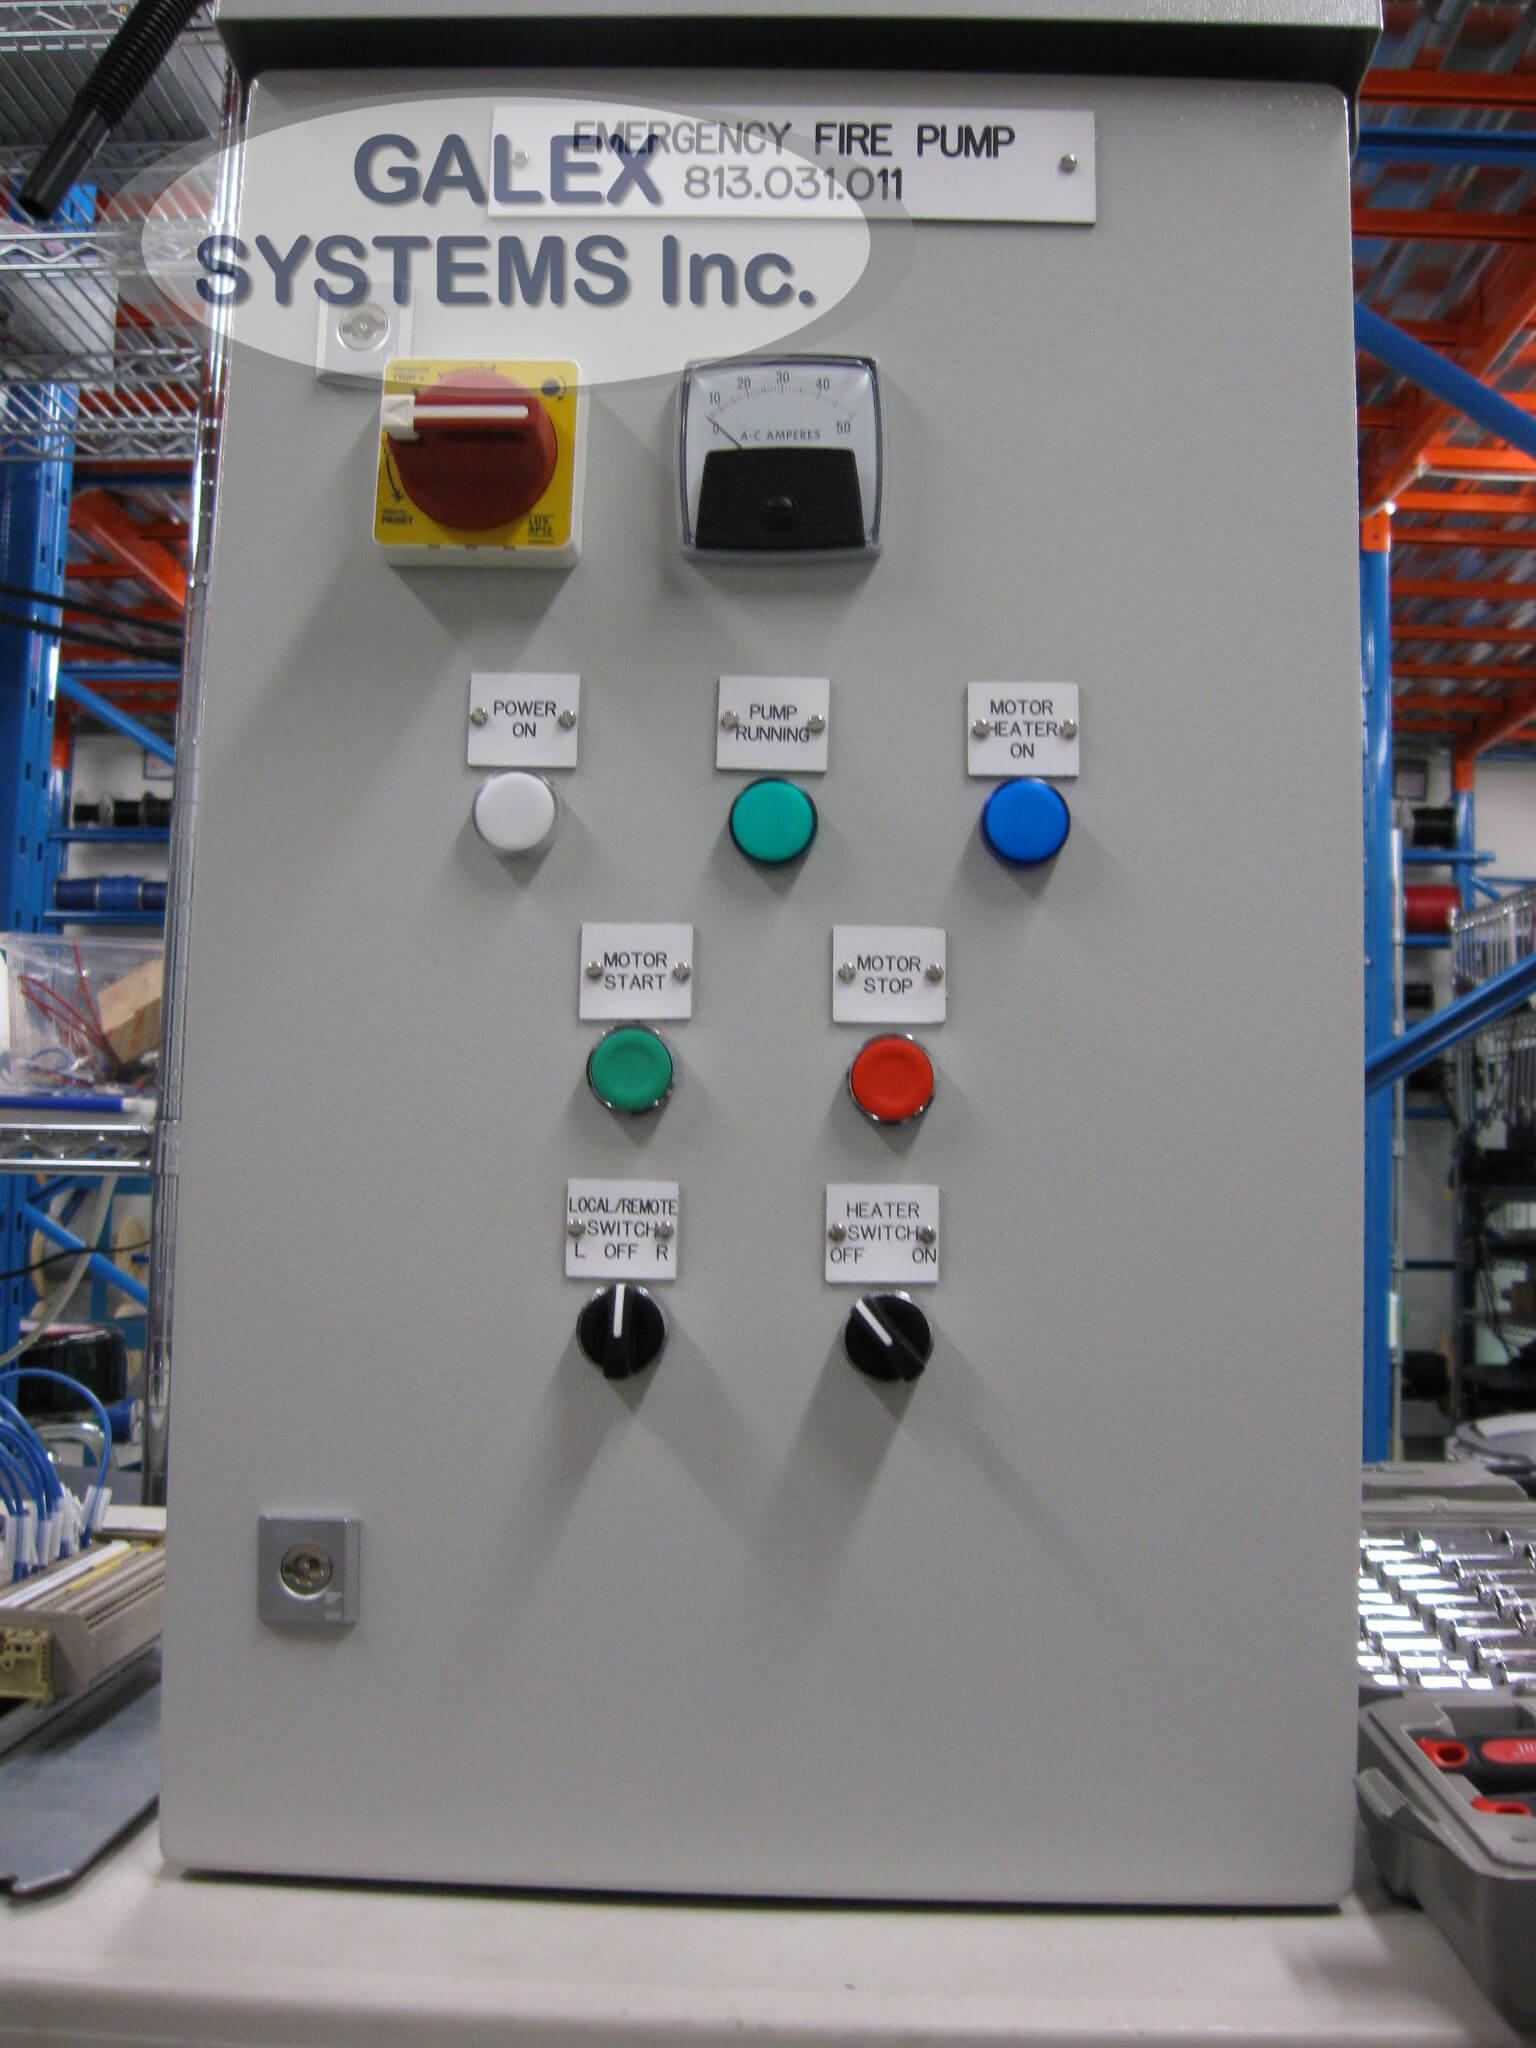 Electrical Design: Fire Pump Electrical Design